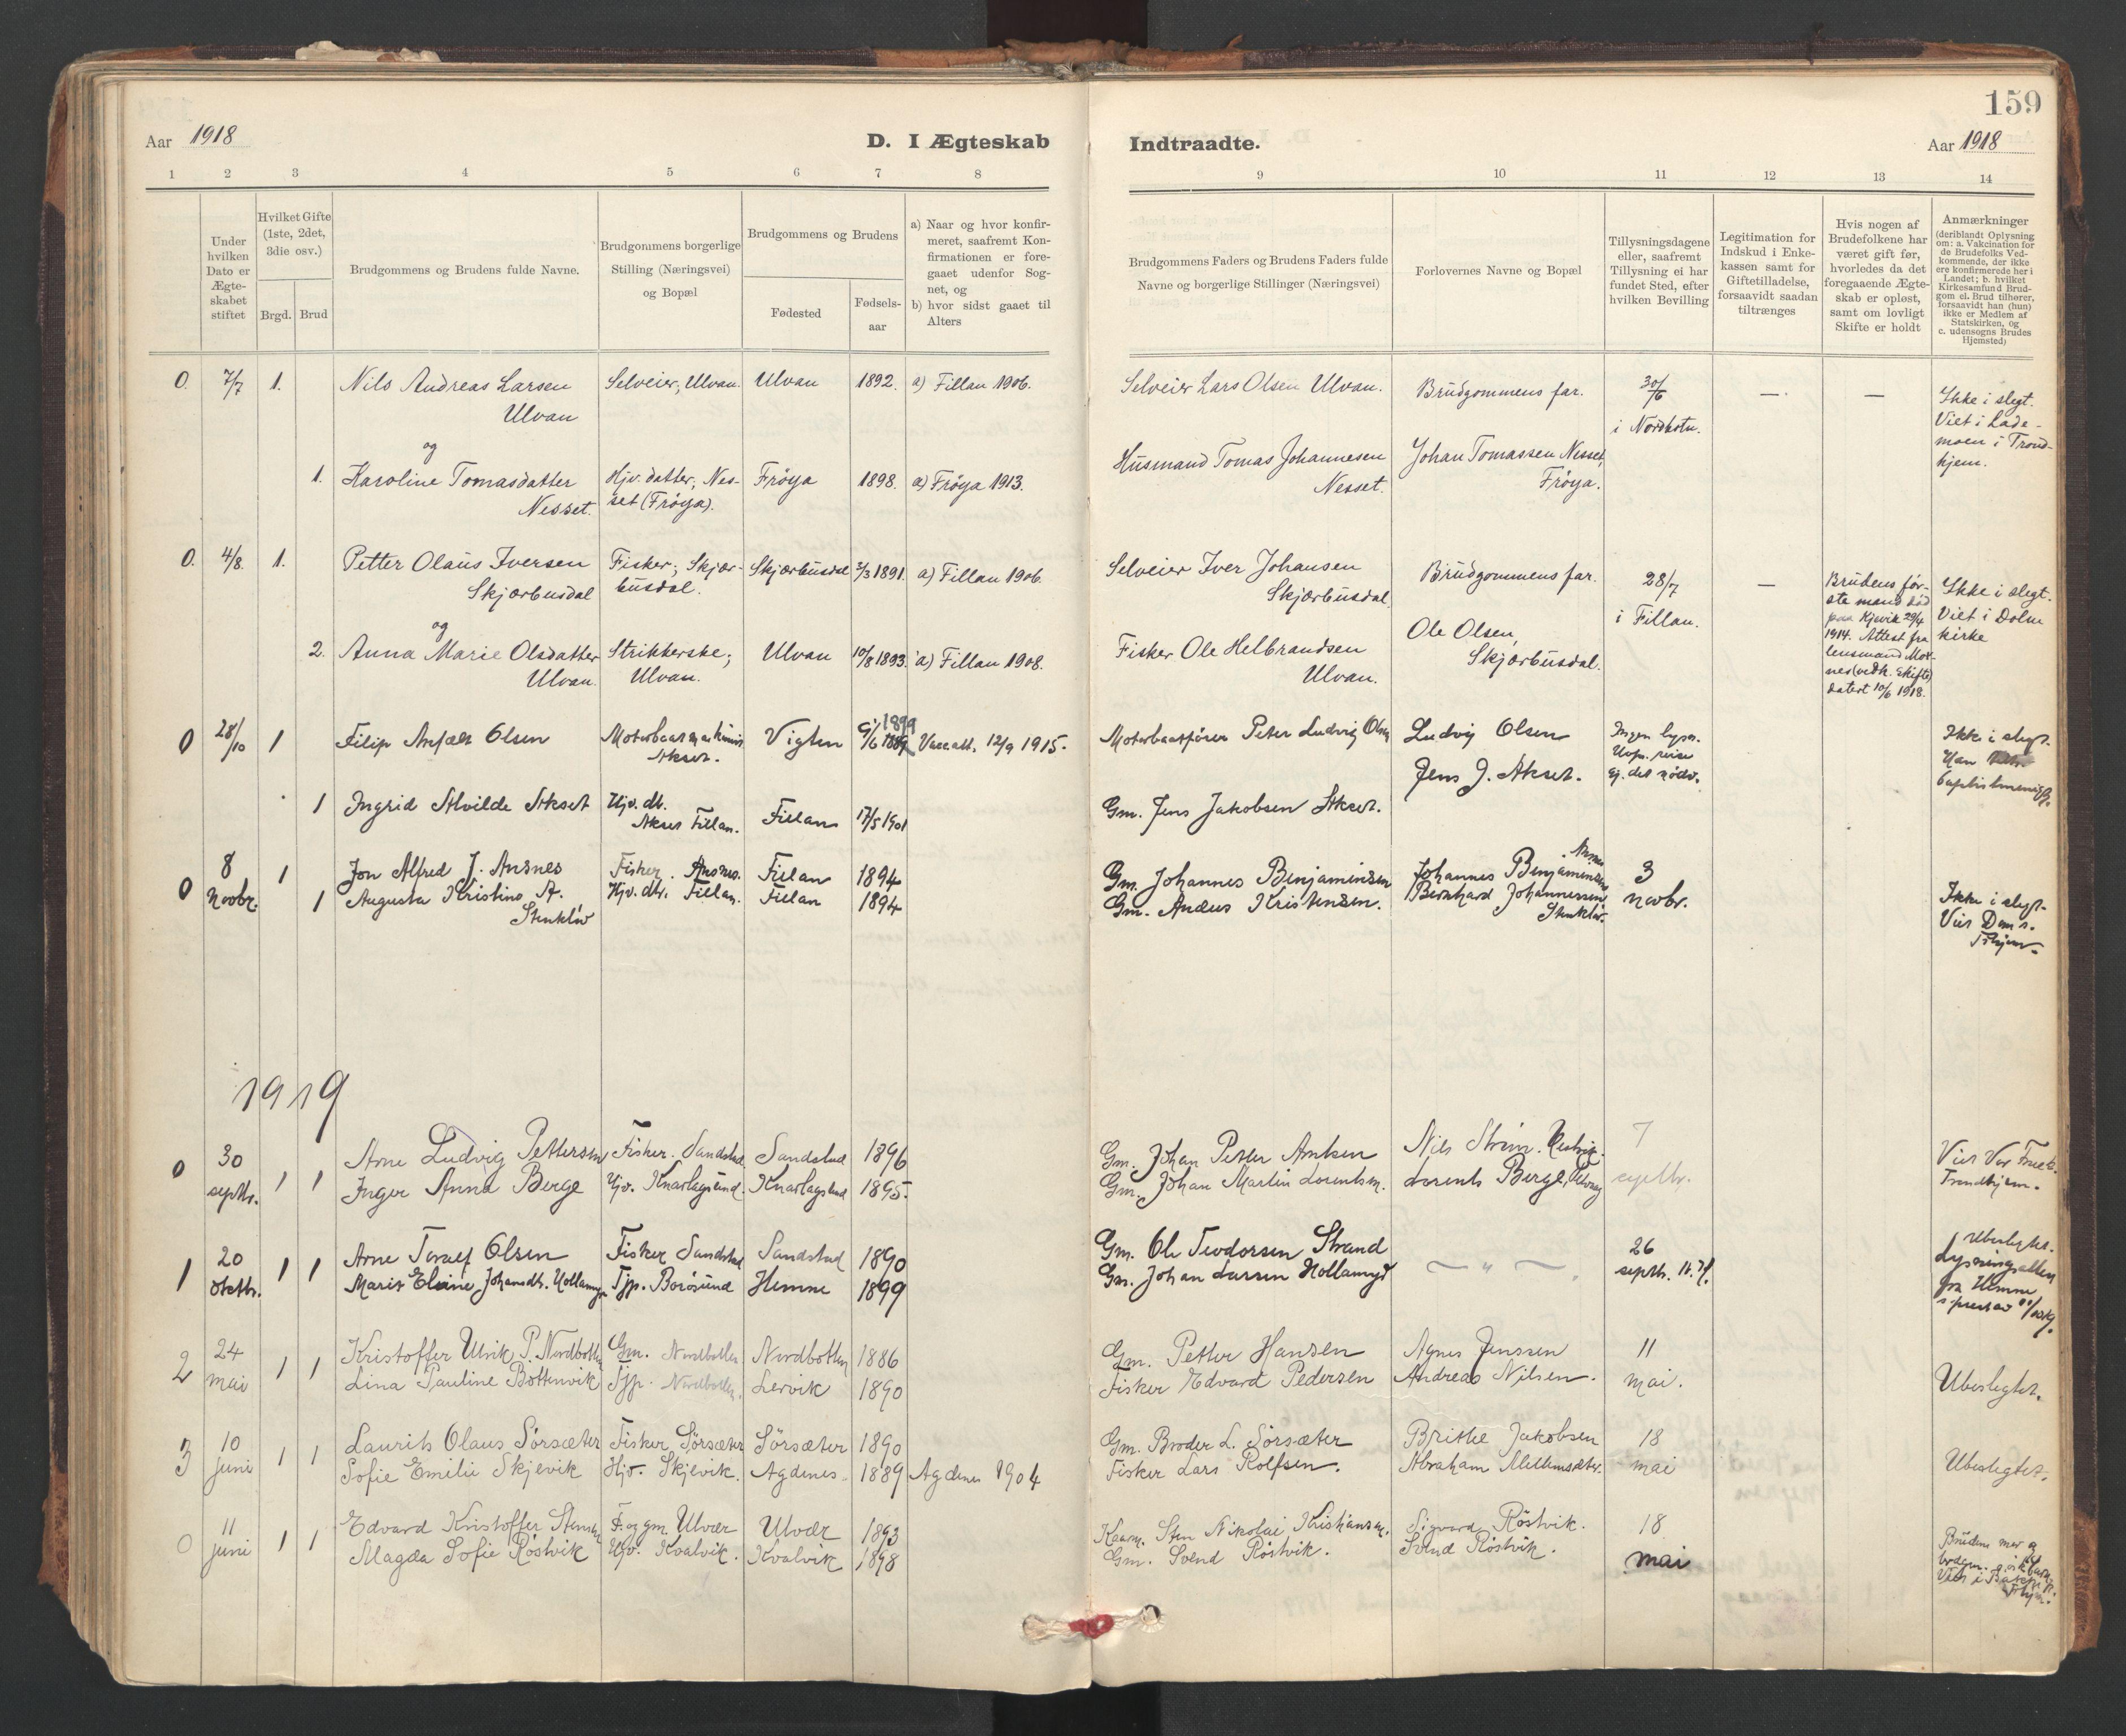 SAT, Ministerialprotokoller, klokkerbøker og fødselsregistre - Sør-Trøndelag, 637/L0559: Ministerialbok nr. 637A02, 1899-1923, s. 159